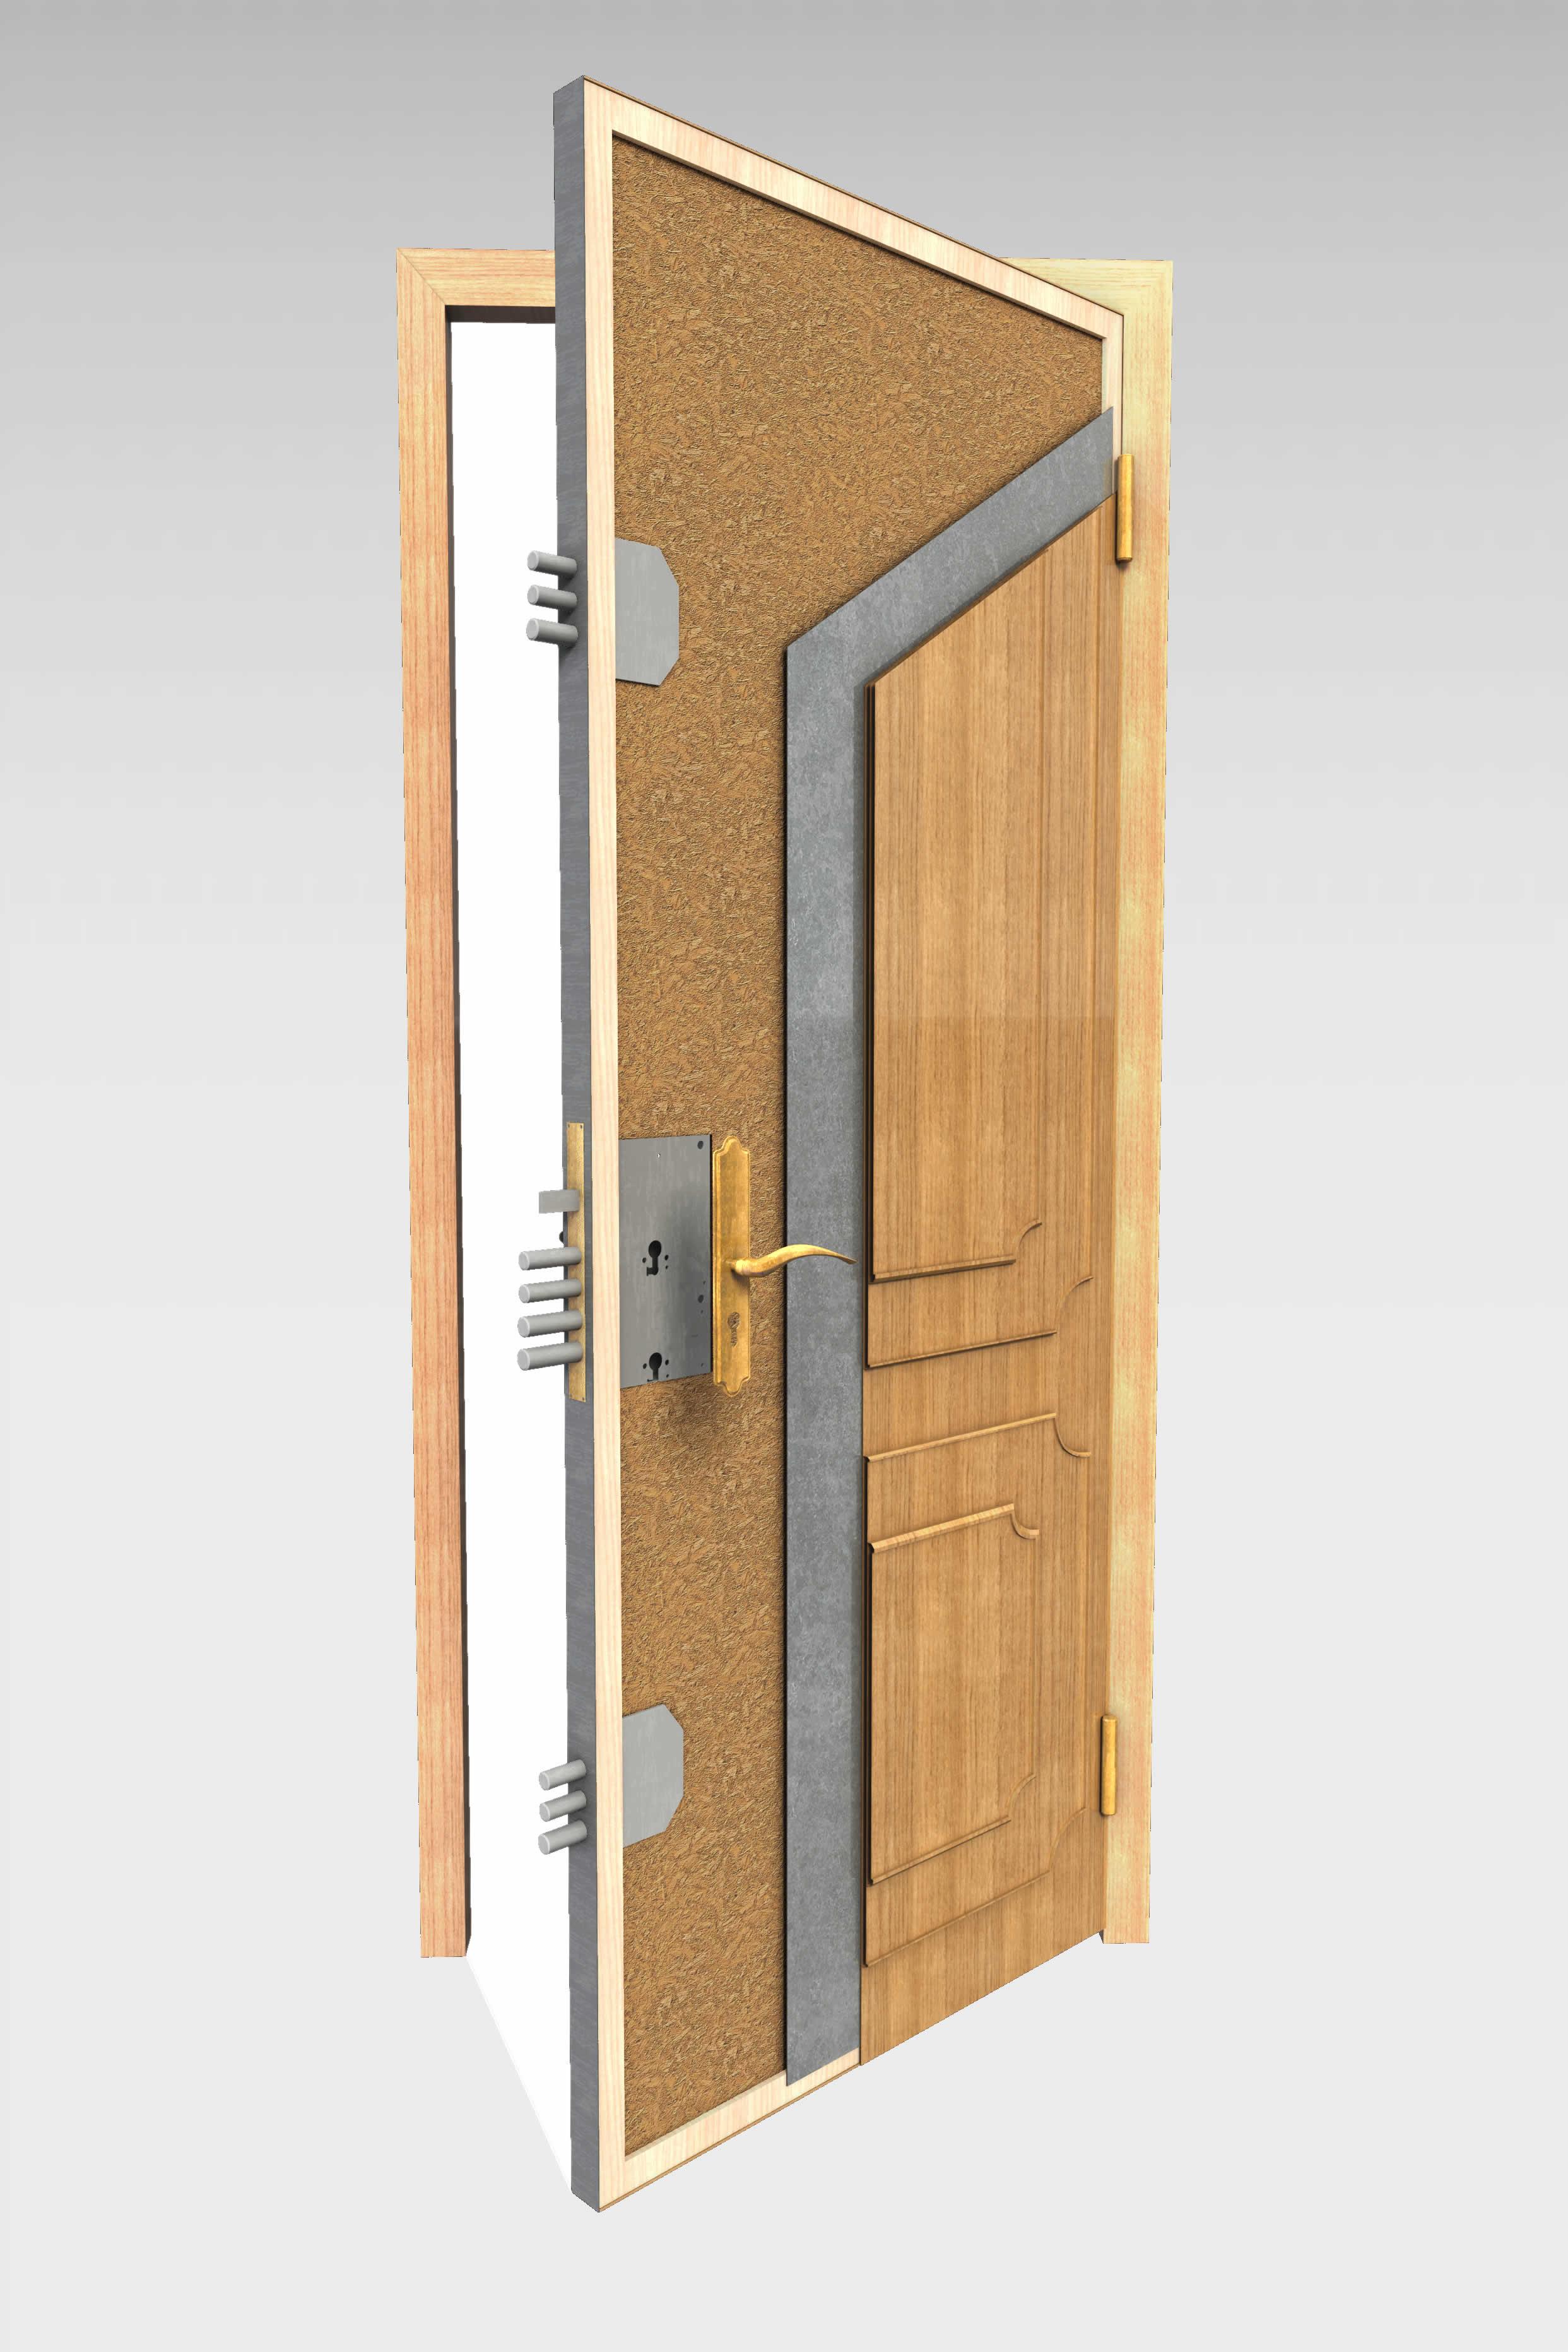 Precio instalacion puerta blindada amazing puerta for Puertas blindadas precios